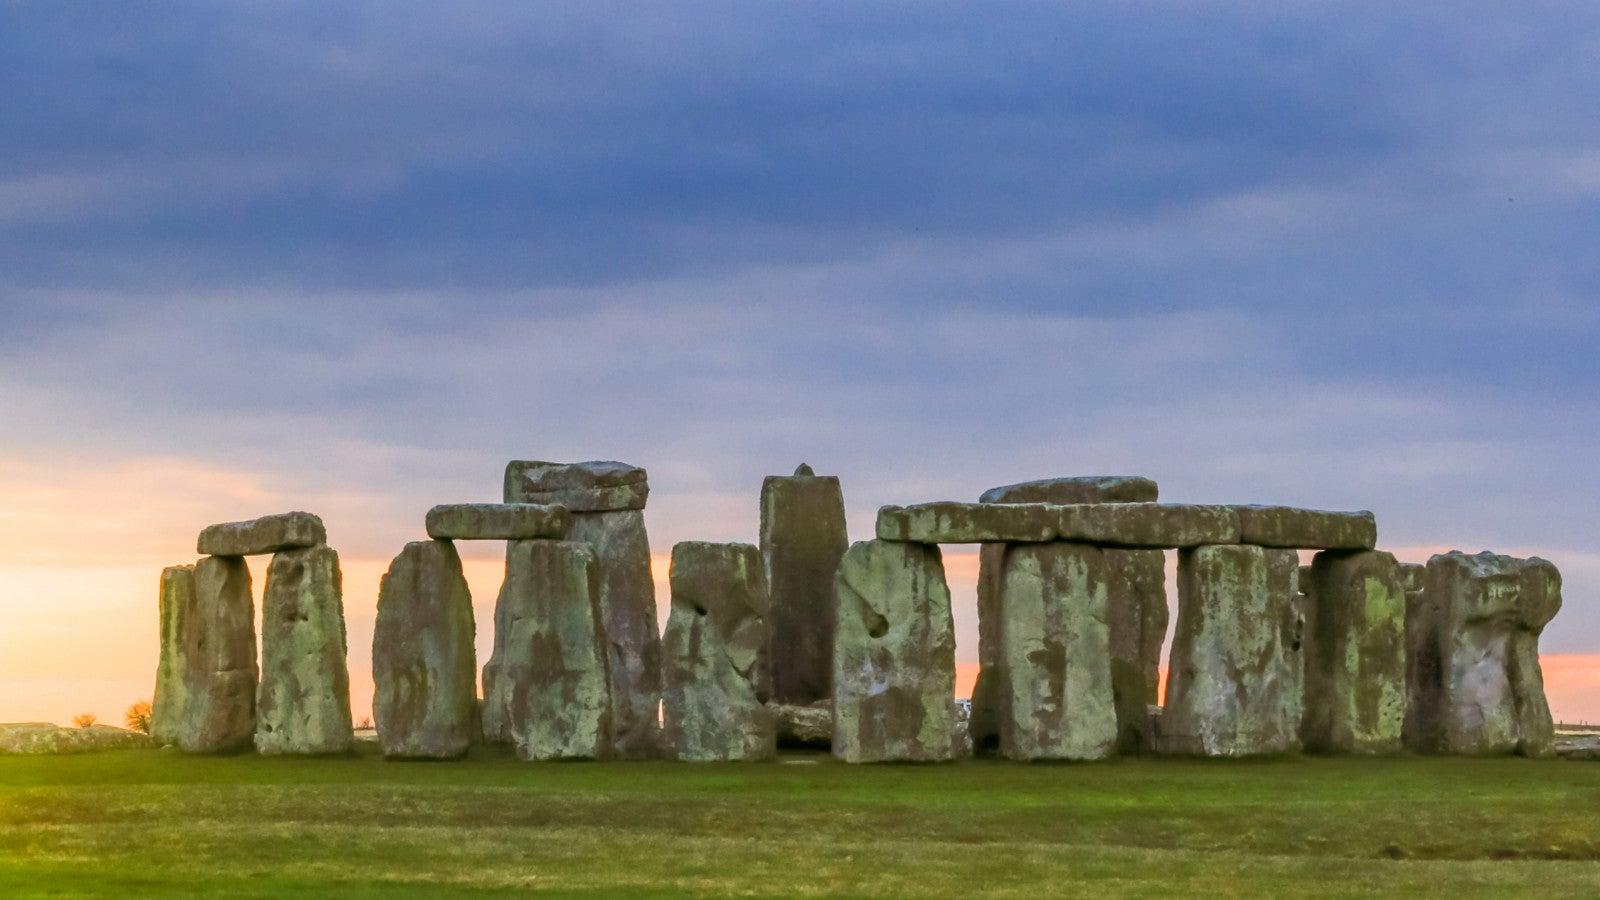 Geheimnisvolles Stonehenge: Steine hatten einen anderen Ursprung als bisher gedacht